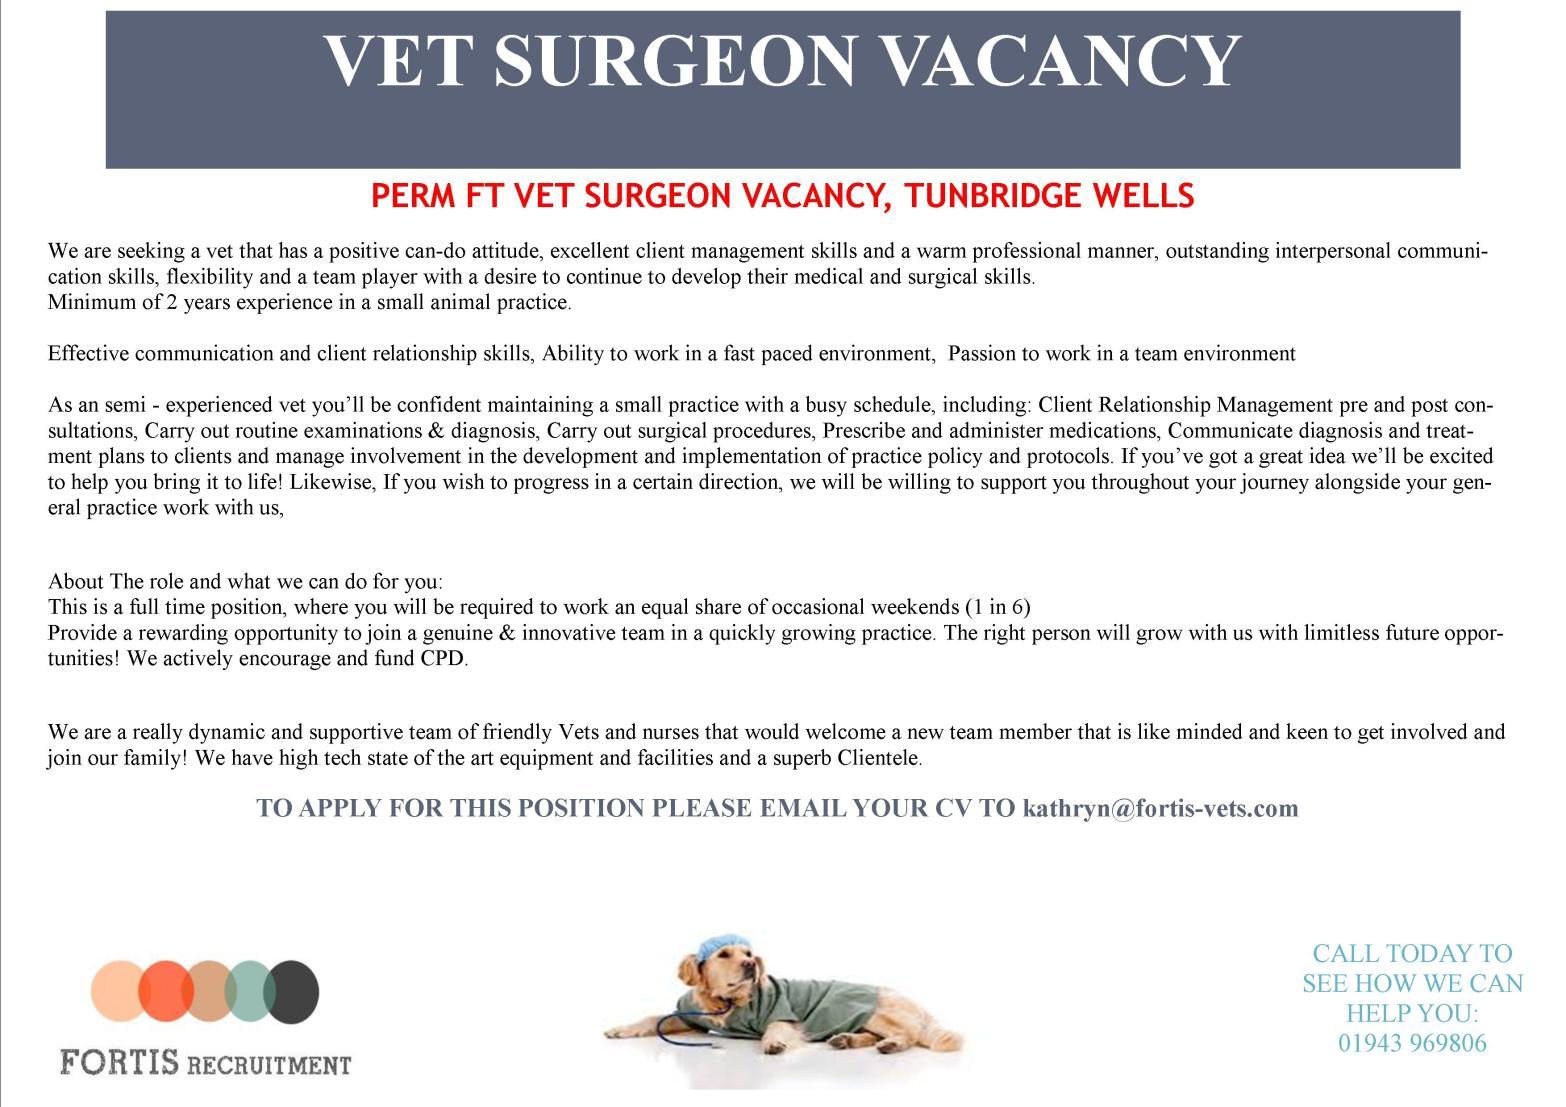 perm-ft-vet-surgeon-vacancy-tunbridge-wells